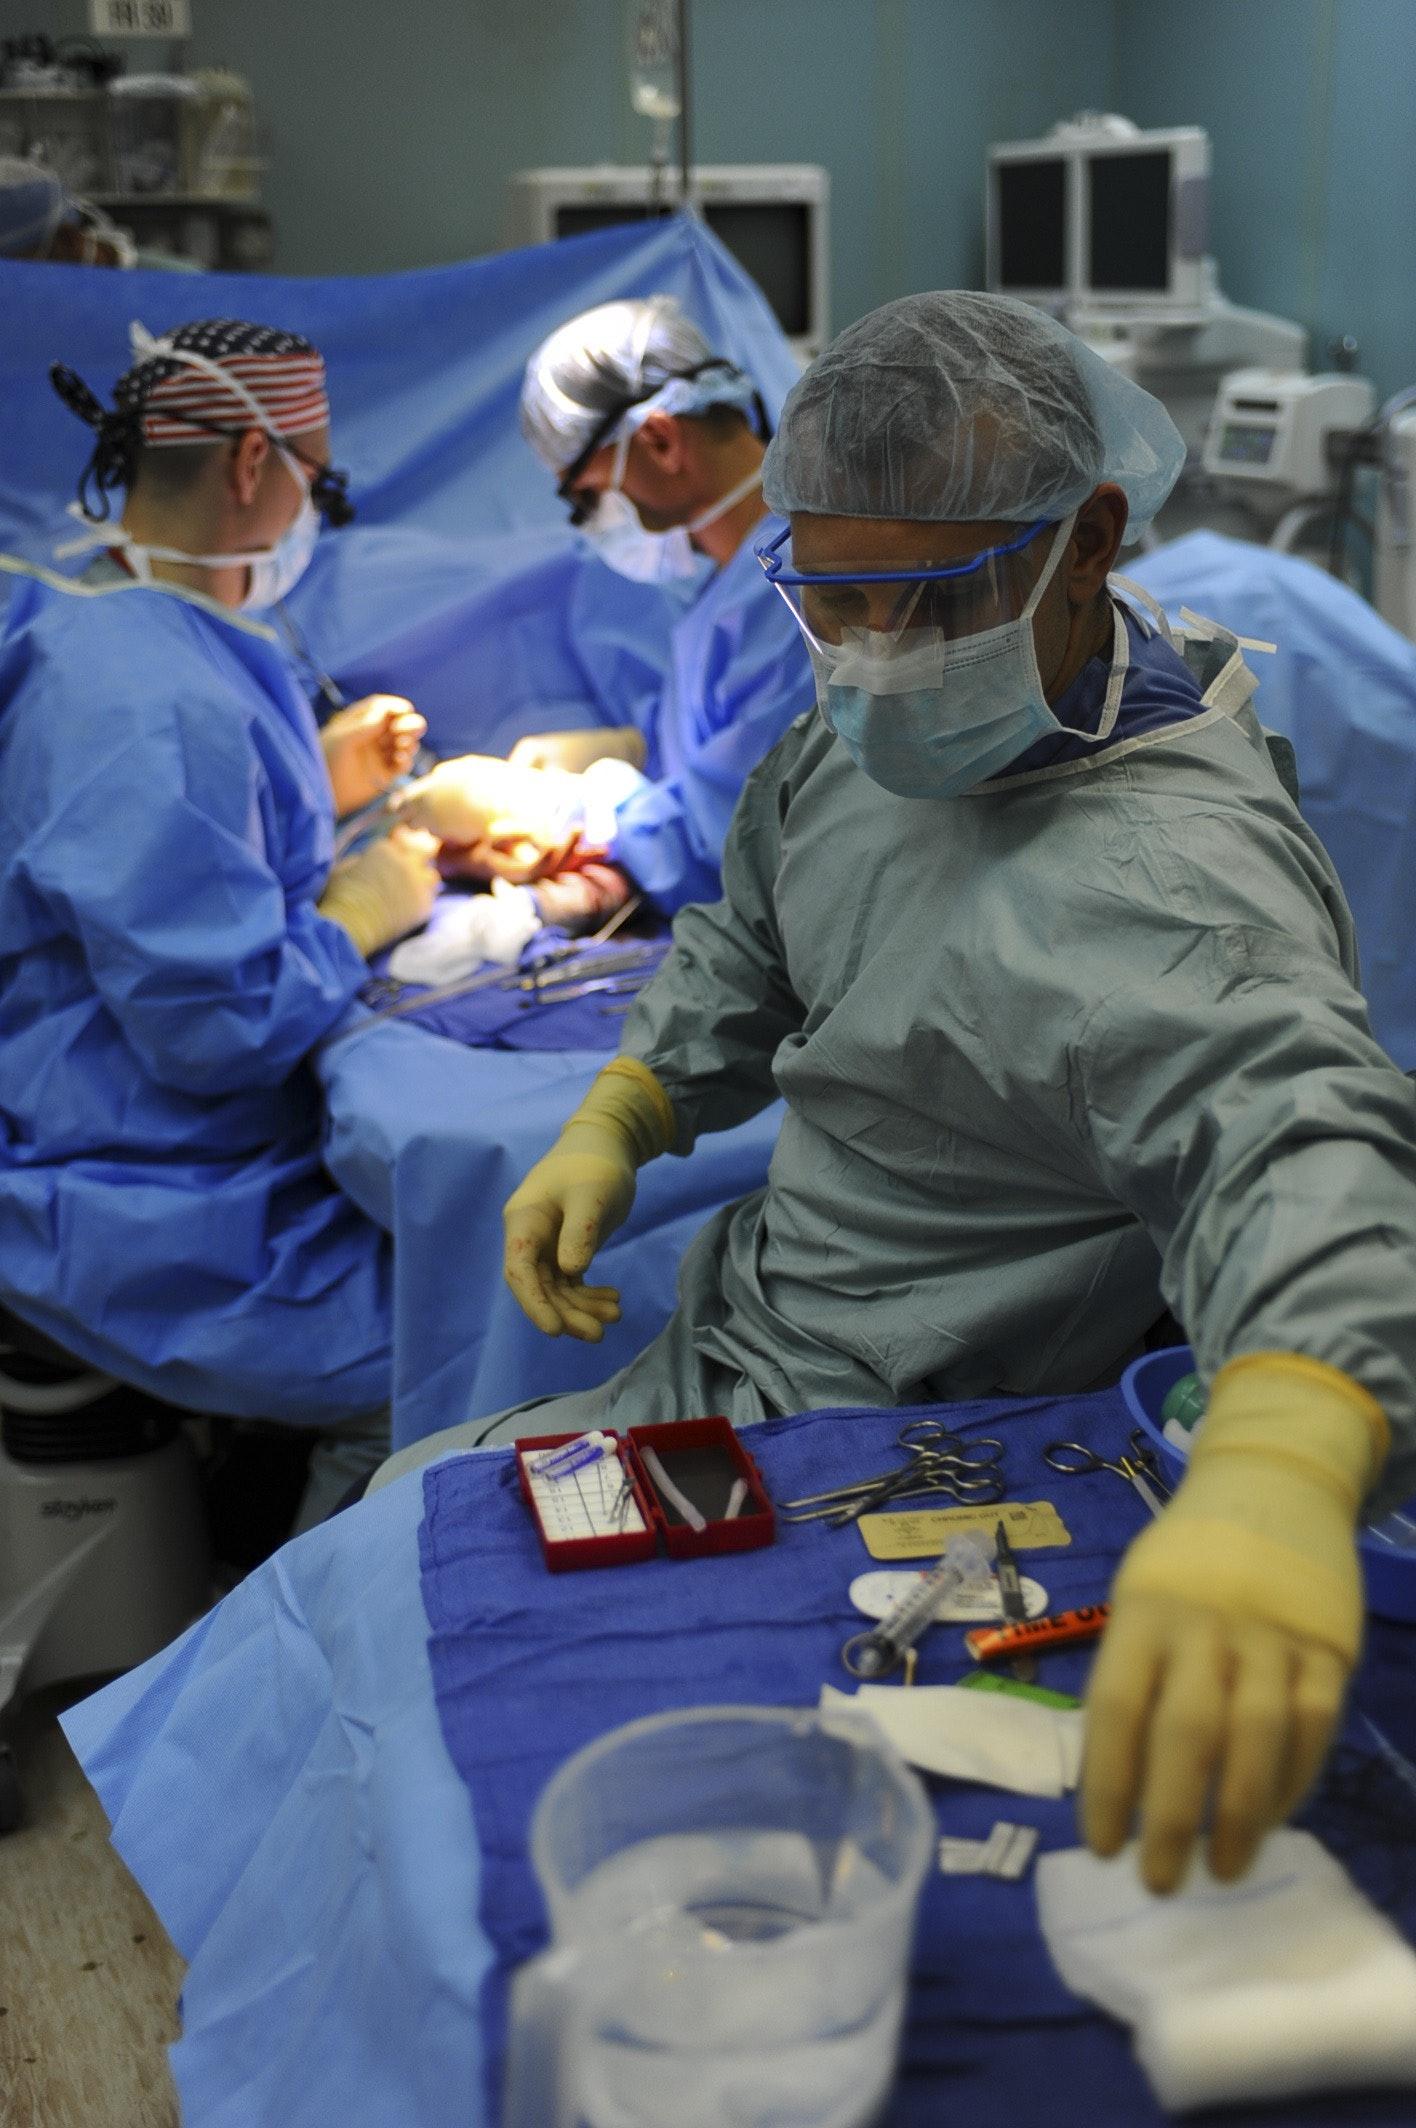 כמה עולה השגחה פרטית אחרי ניתוח